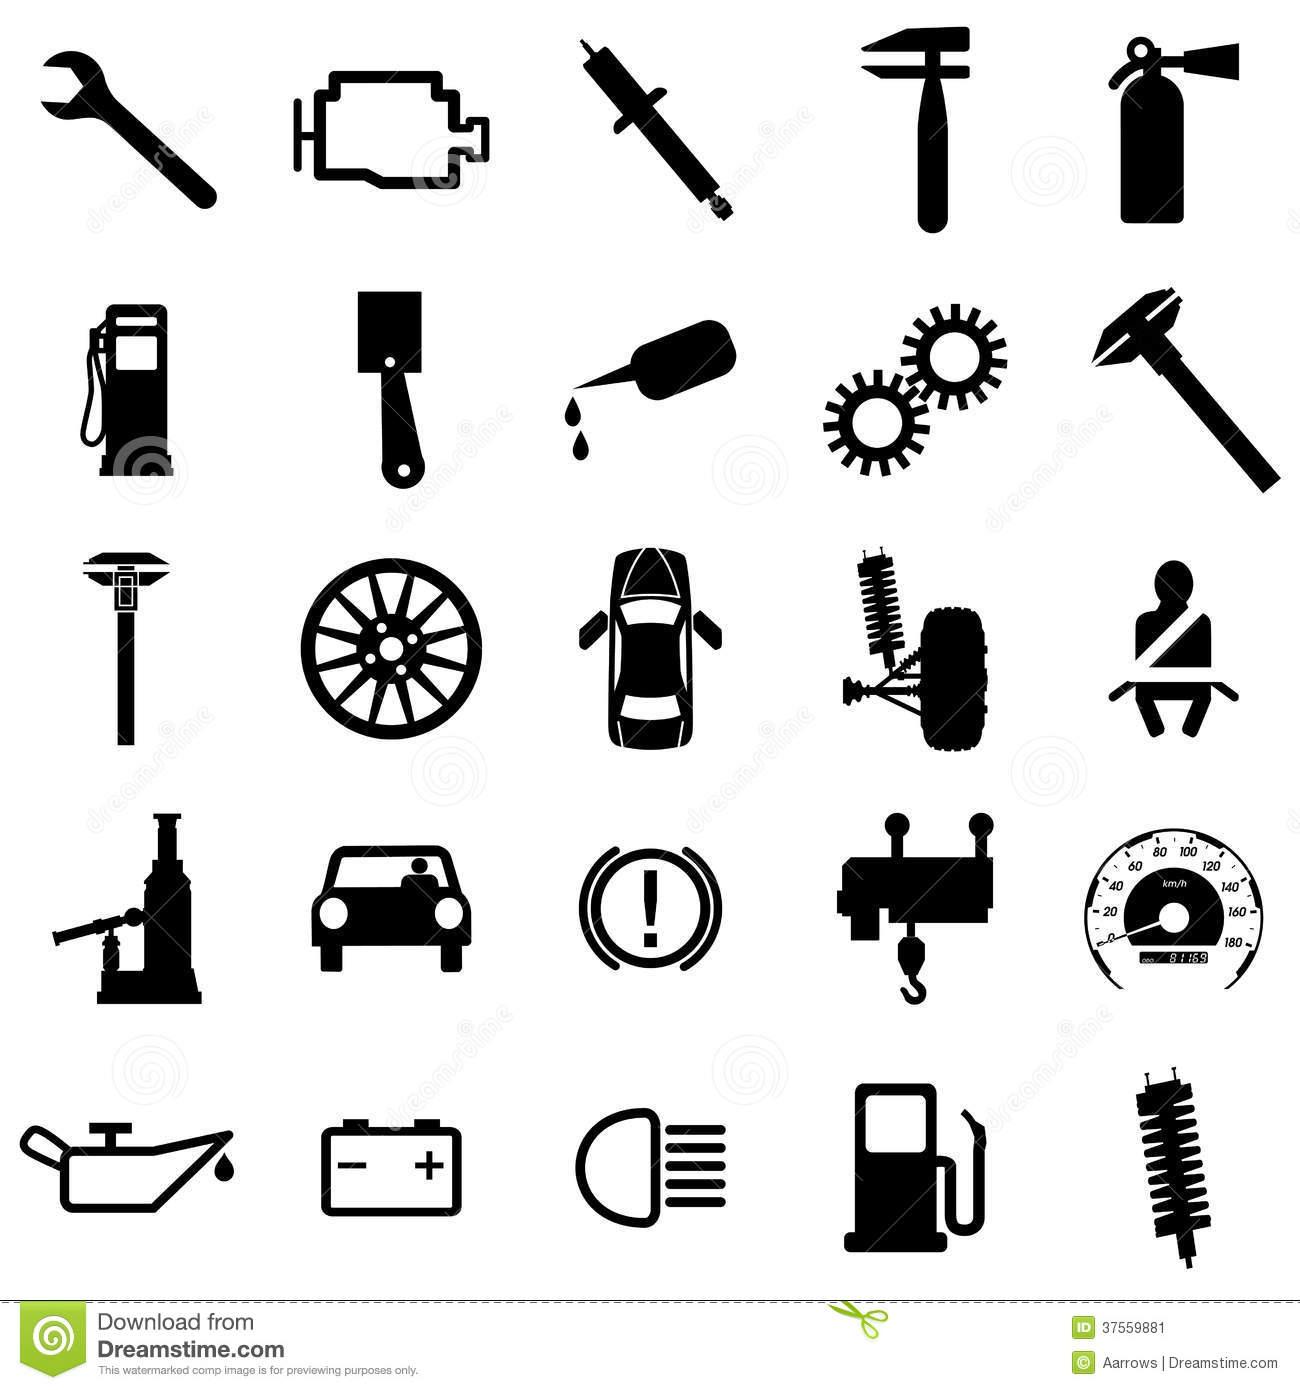 15 Automotive Symbols Icons Images